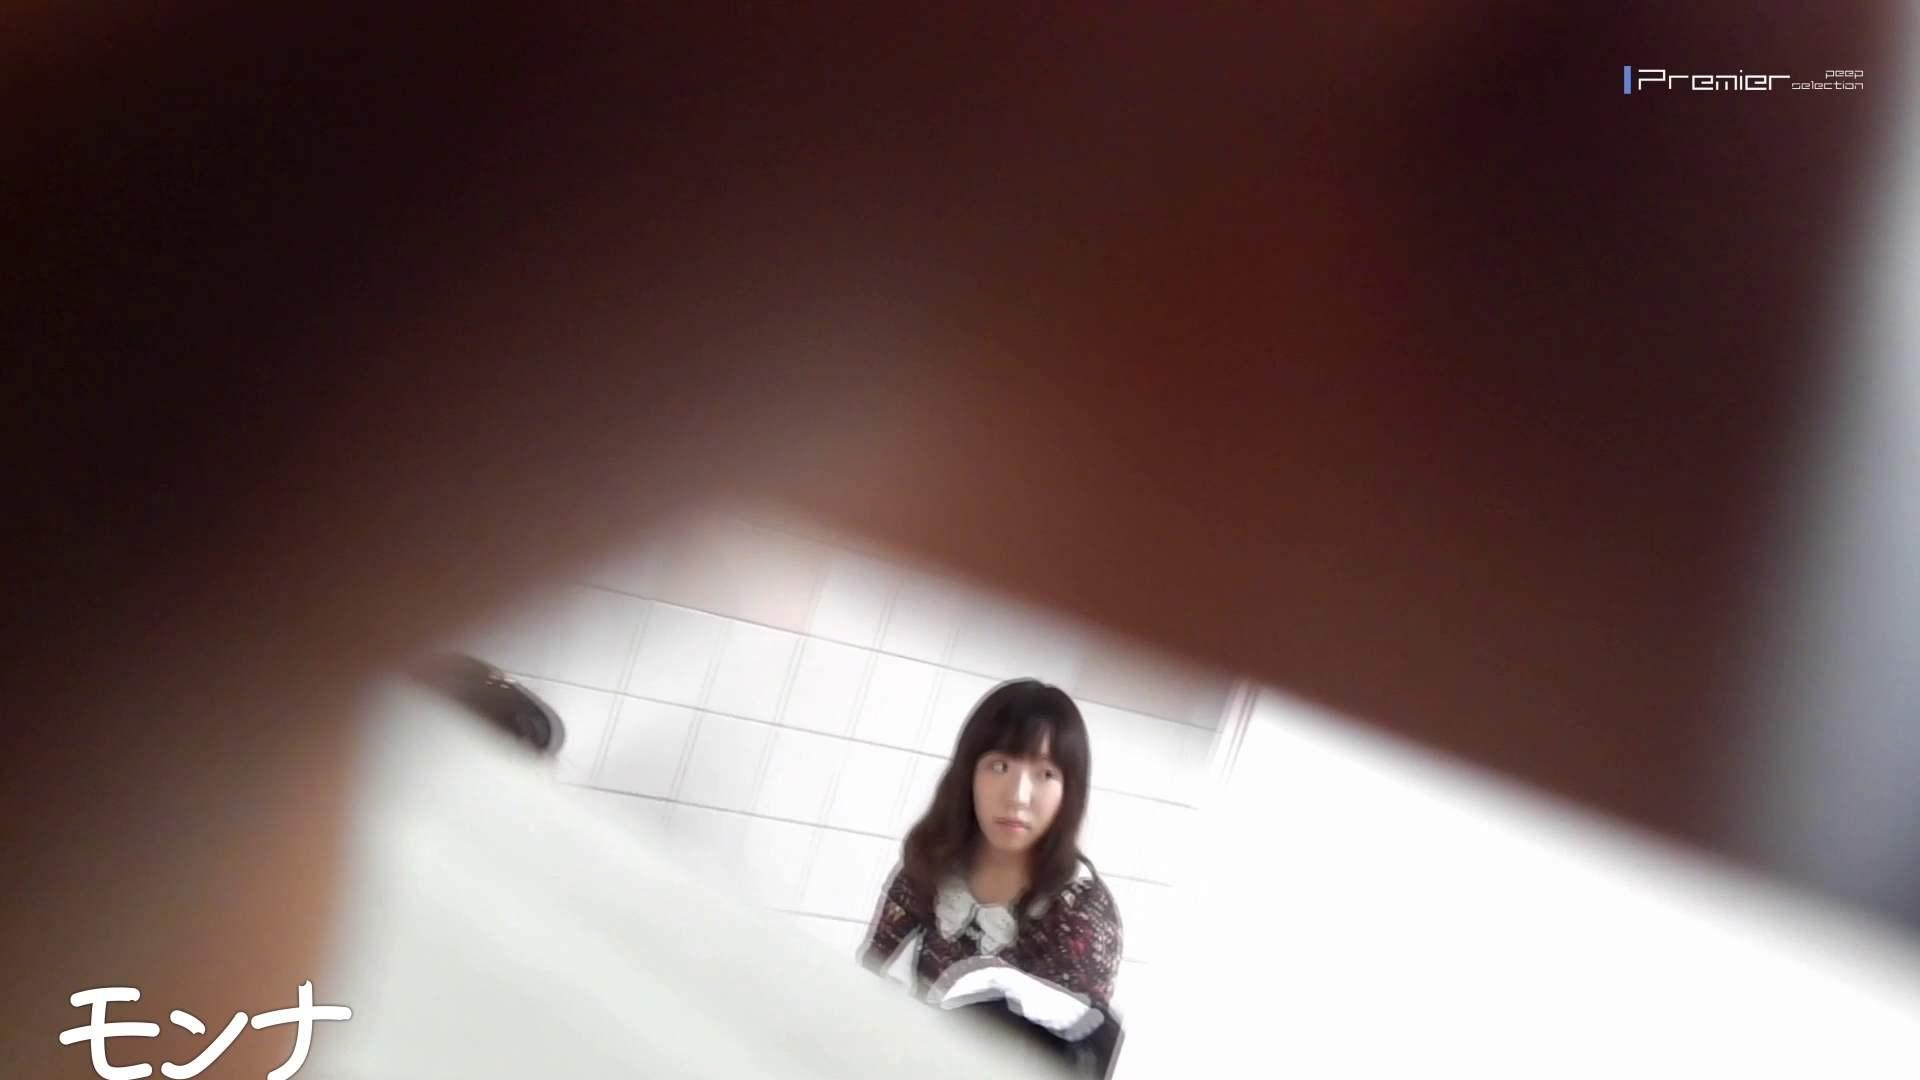 美しい日本の未来 No.52 顔とのギャップが!!清楚な顔の子はボウボウ 高評価  105枚 81